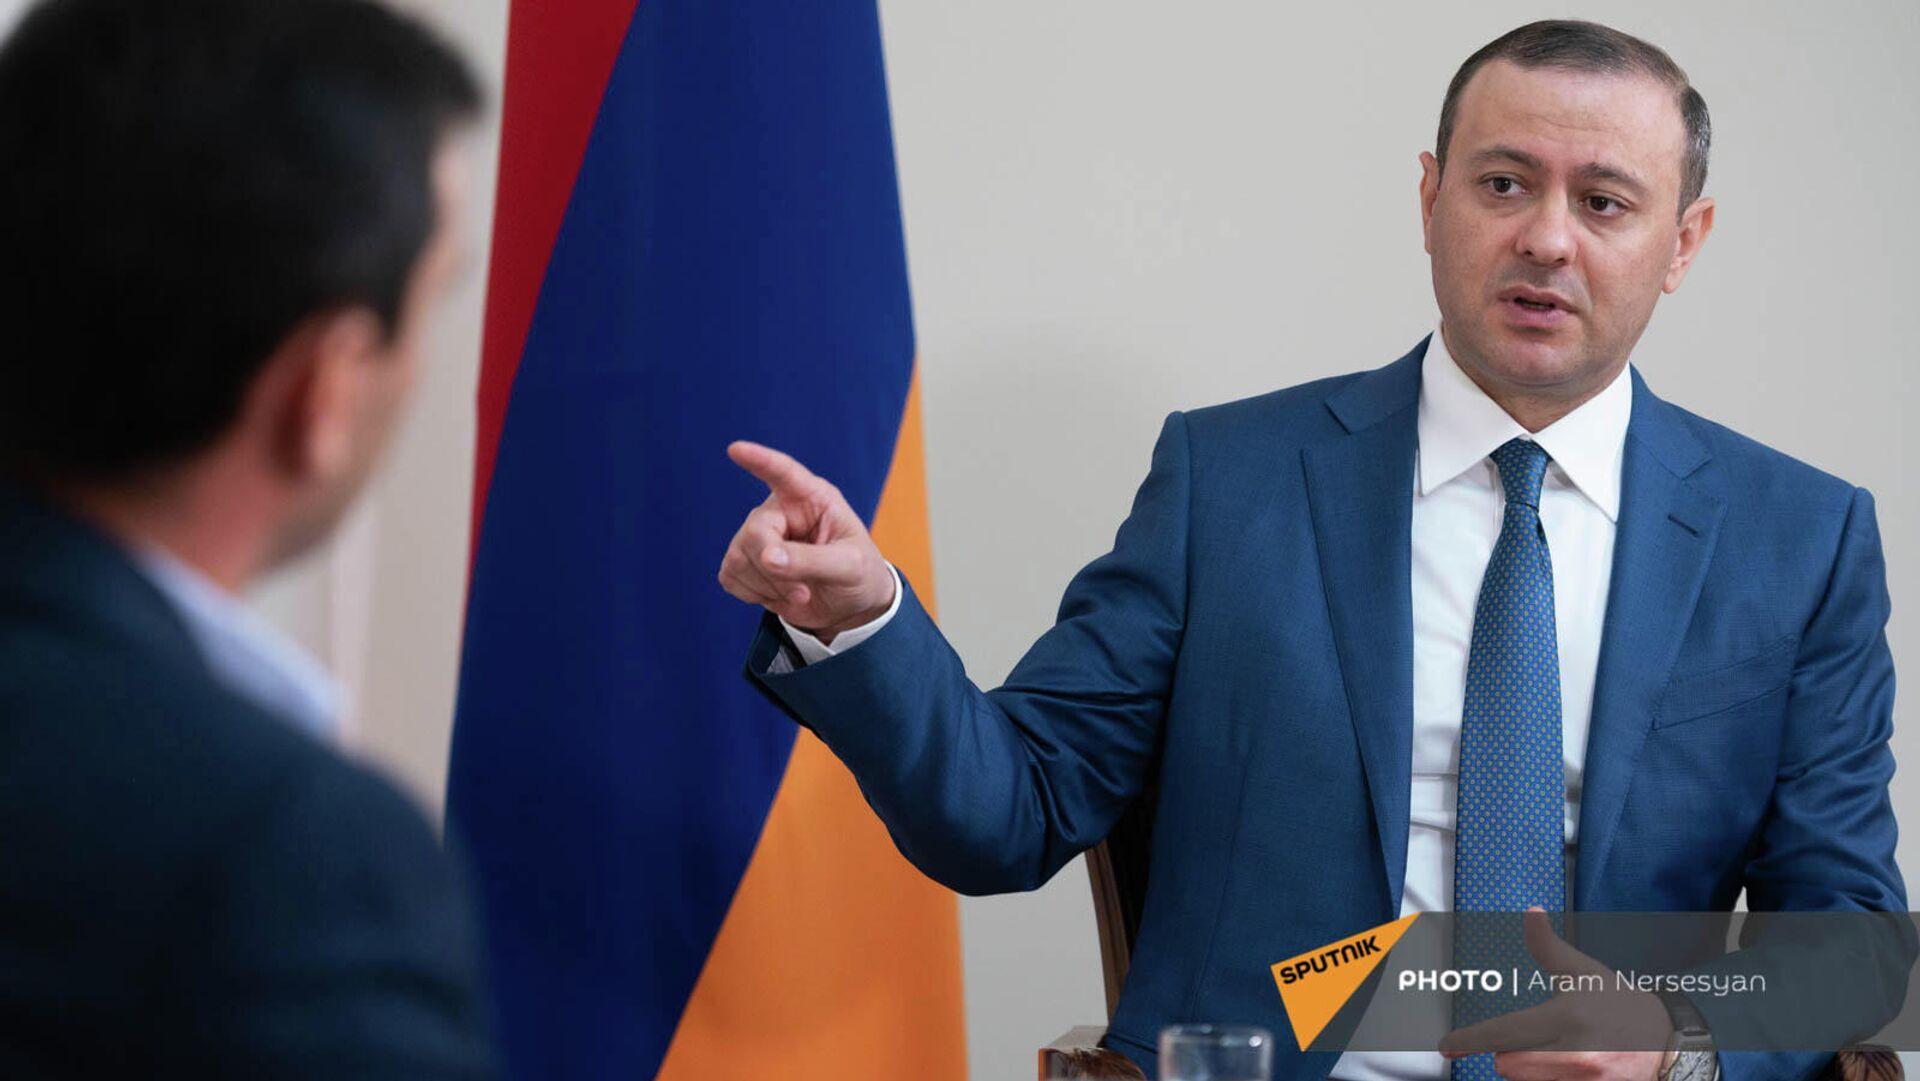 Секретарь Совета безопасности Армении Армен Григорян во время интервью агентству Sputnik Армения - Sputnik Армения, 1920, 25.09.2021